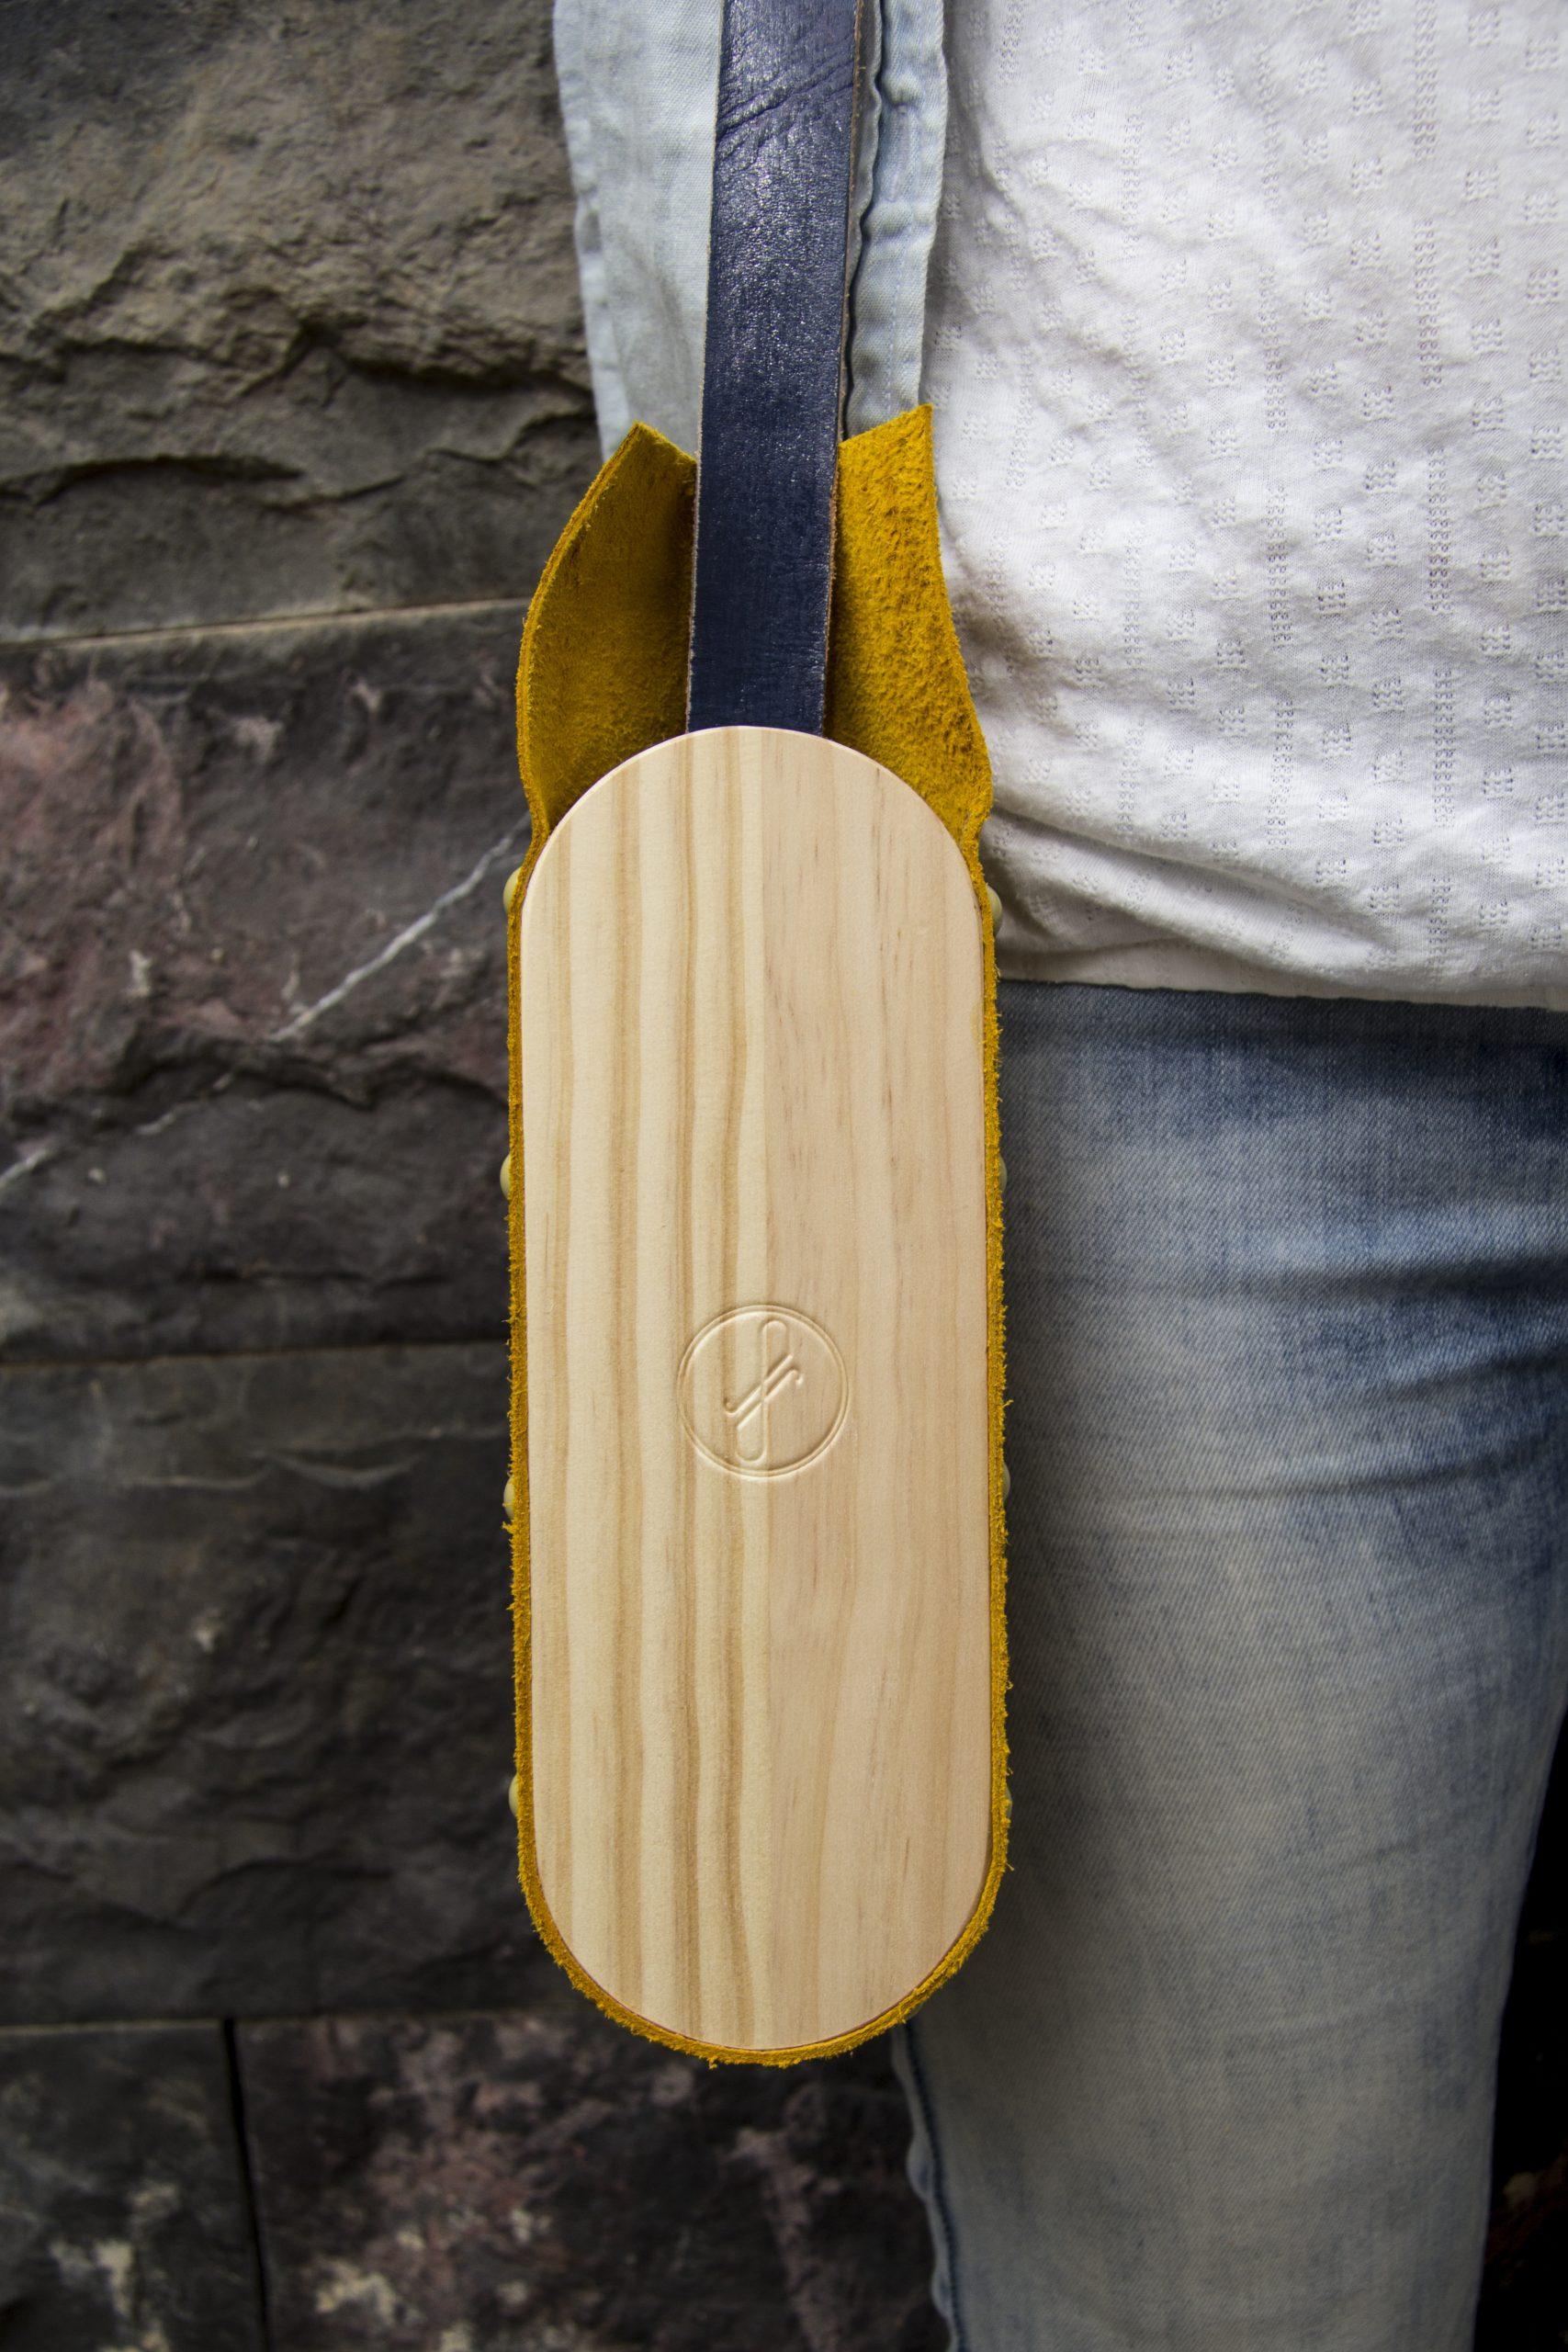 Bolsos atemporales hechos en madera e inspirados en la naturaleza